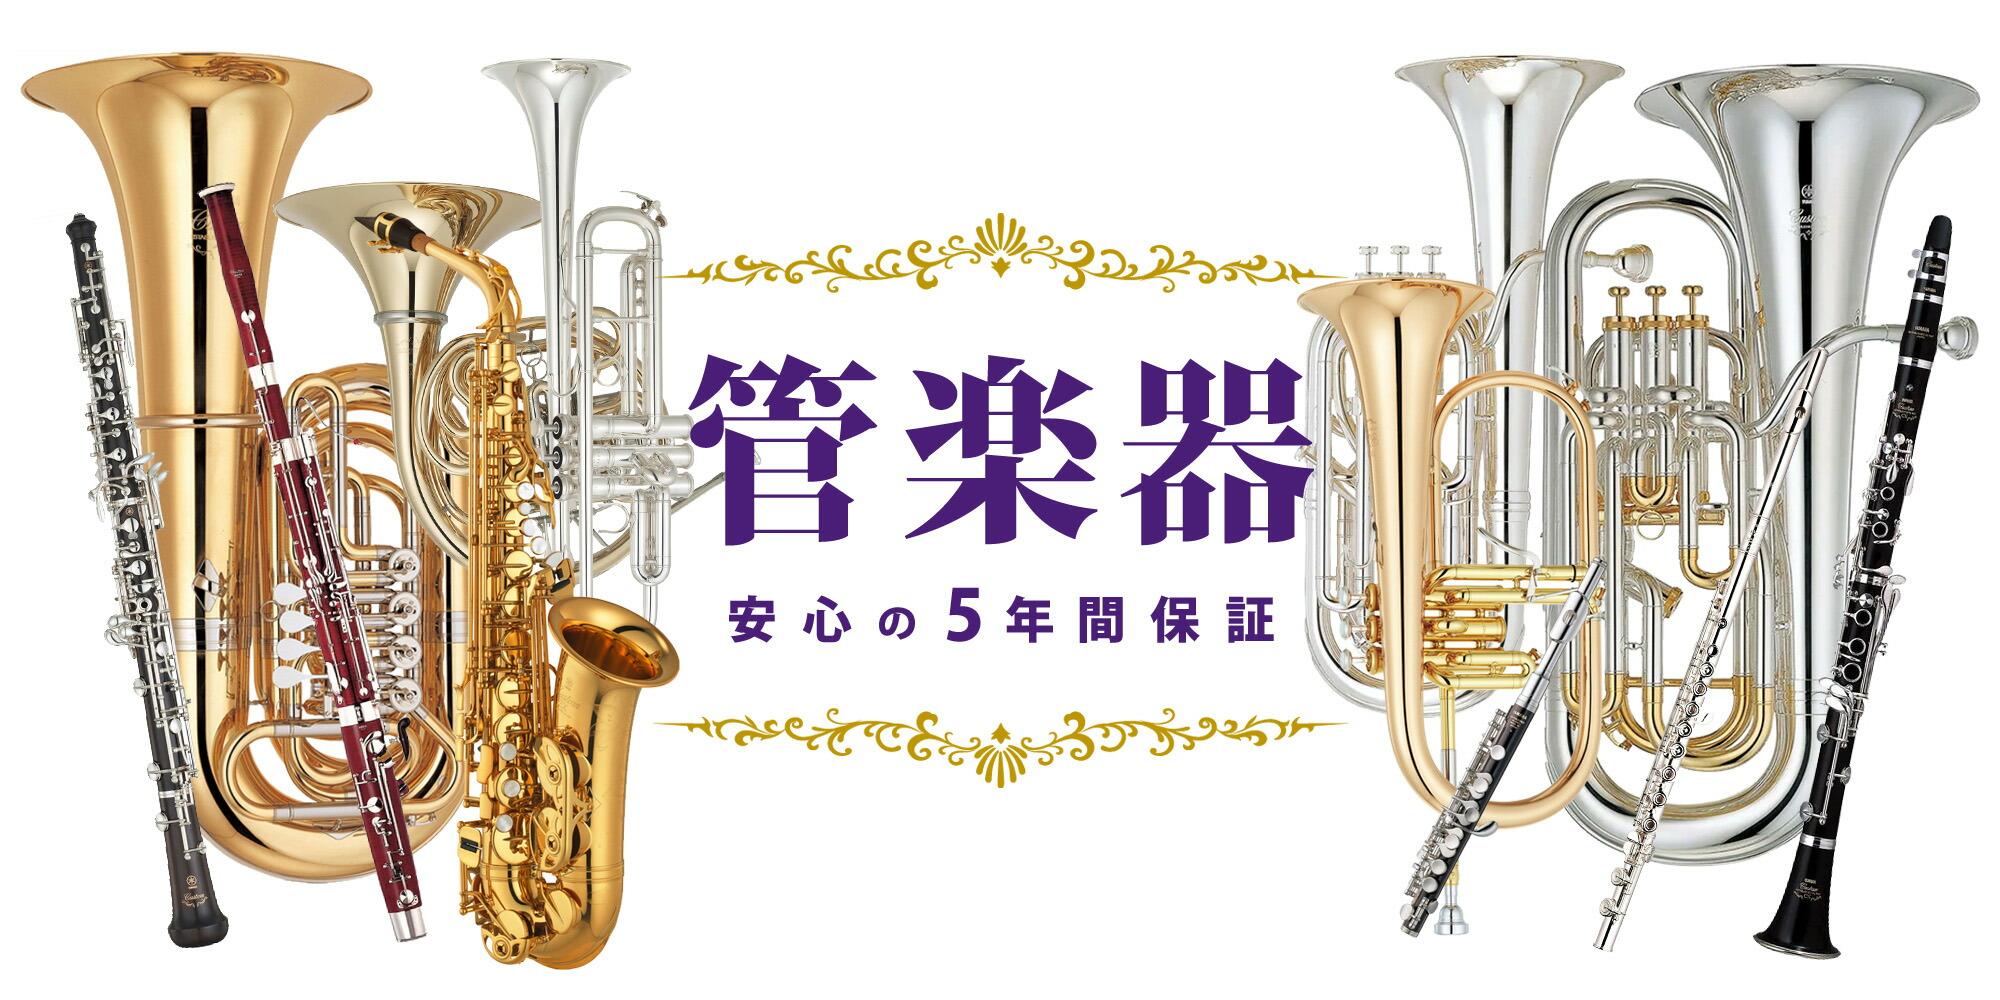 無料で加入できる!管楽器 安心の5年間保証【イシバシ楽器】